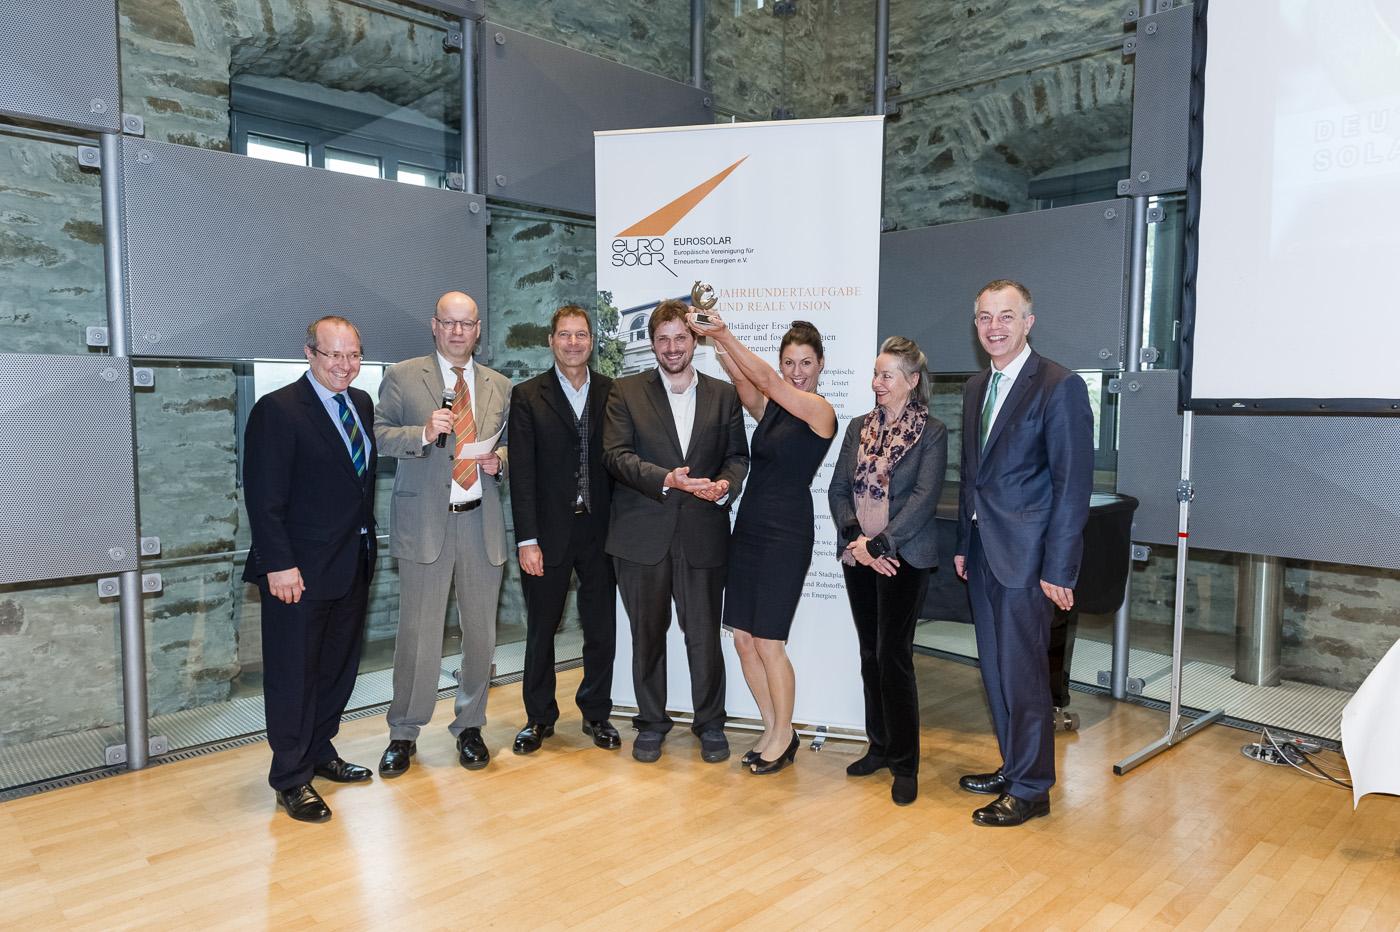 Cornelia Daniel-Gruber und Kilian Rüfer nehmen den Preis stellvertretend für alle energieblogger in Empfang